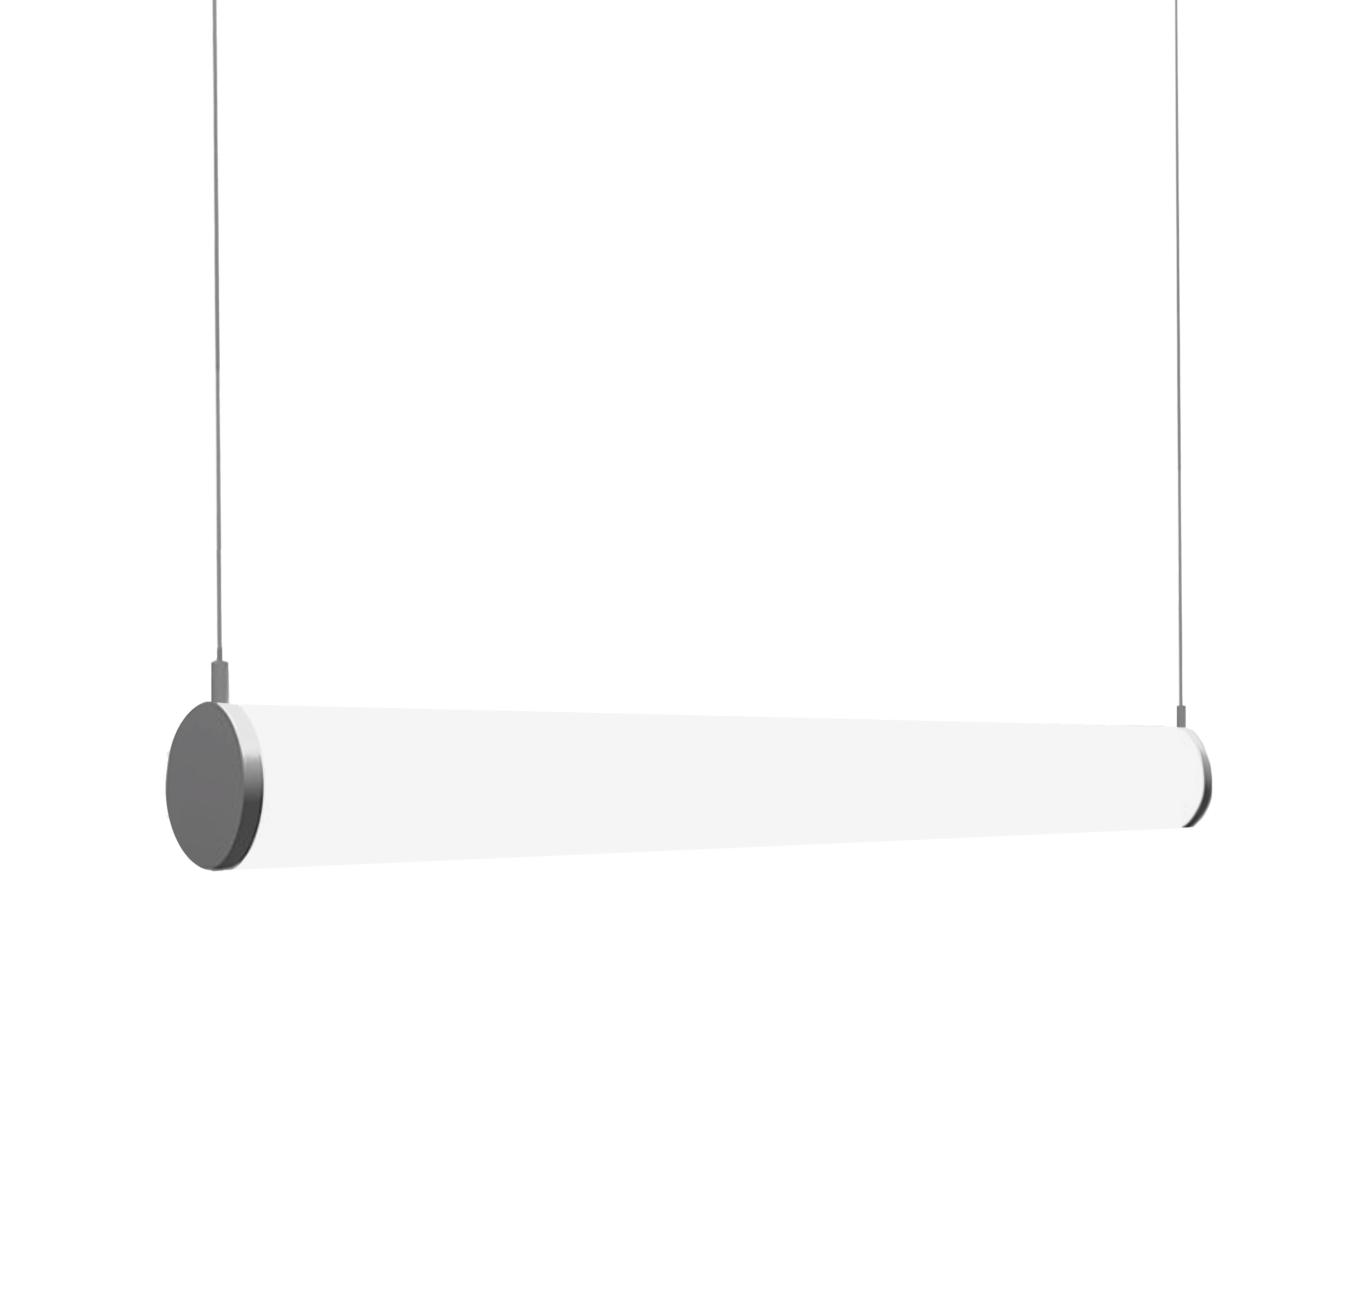 Светильник Roll-60 1750мм. 4000К/3000К. 30W/63W купить во Владивостоке